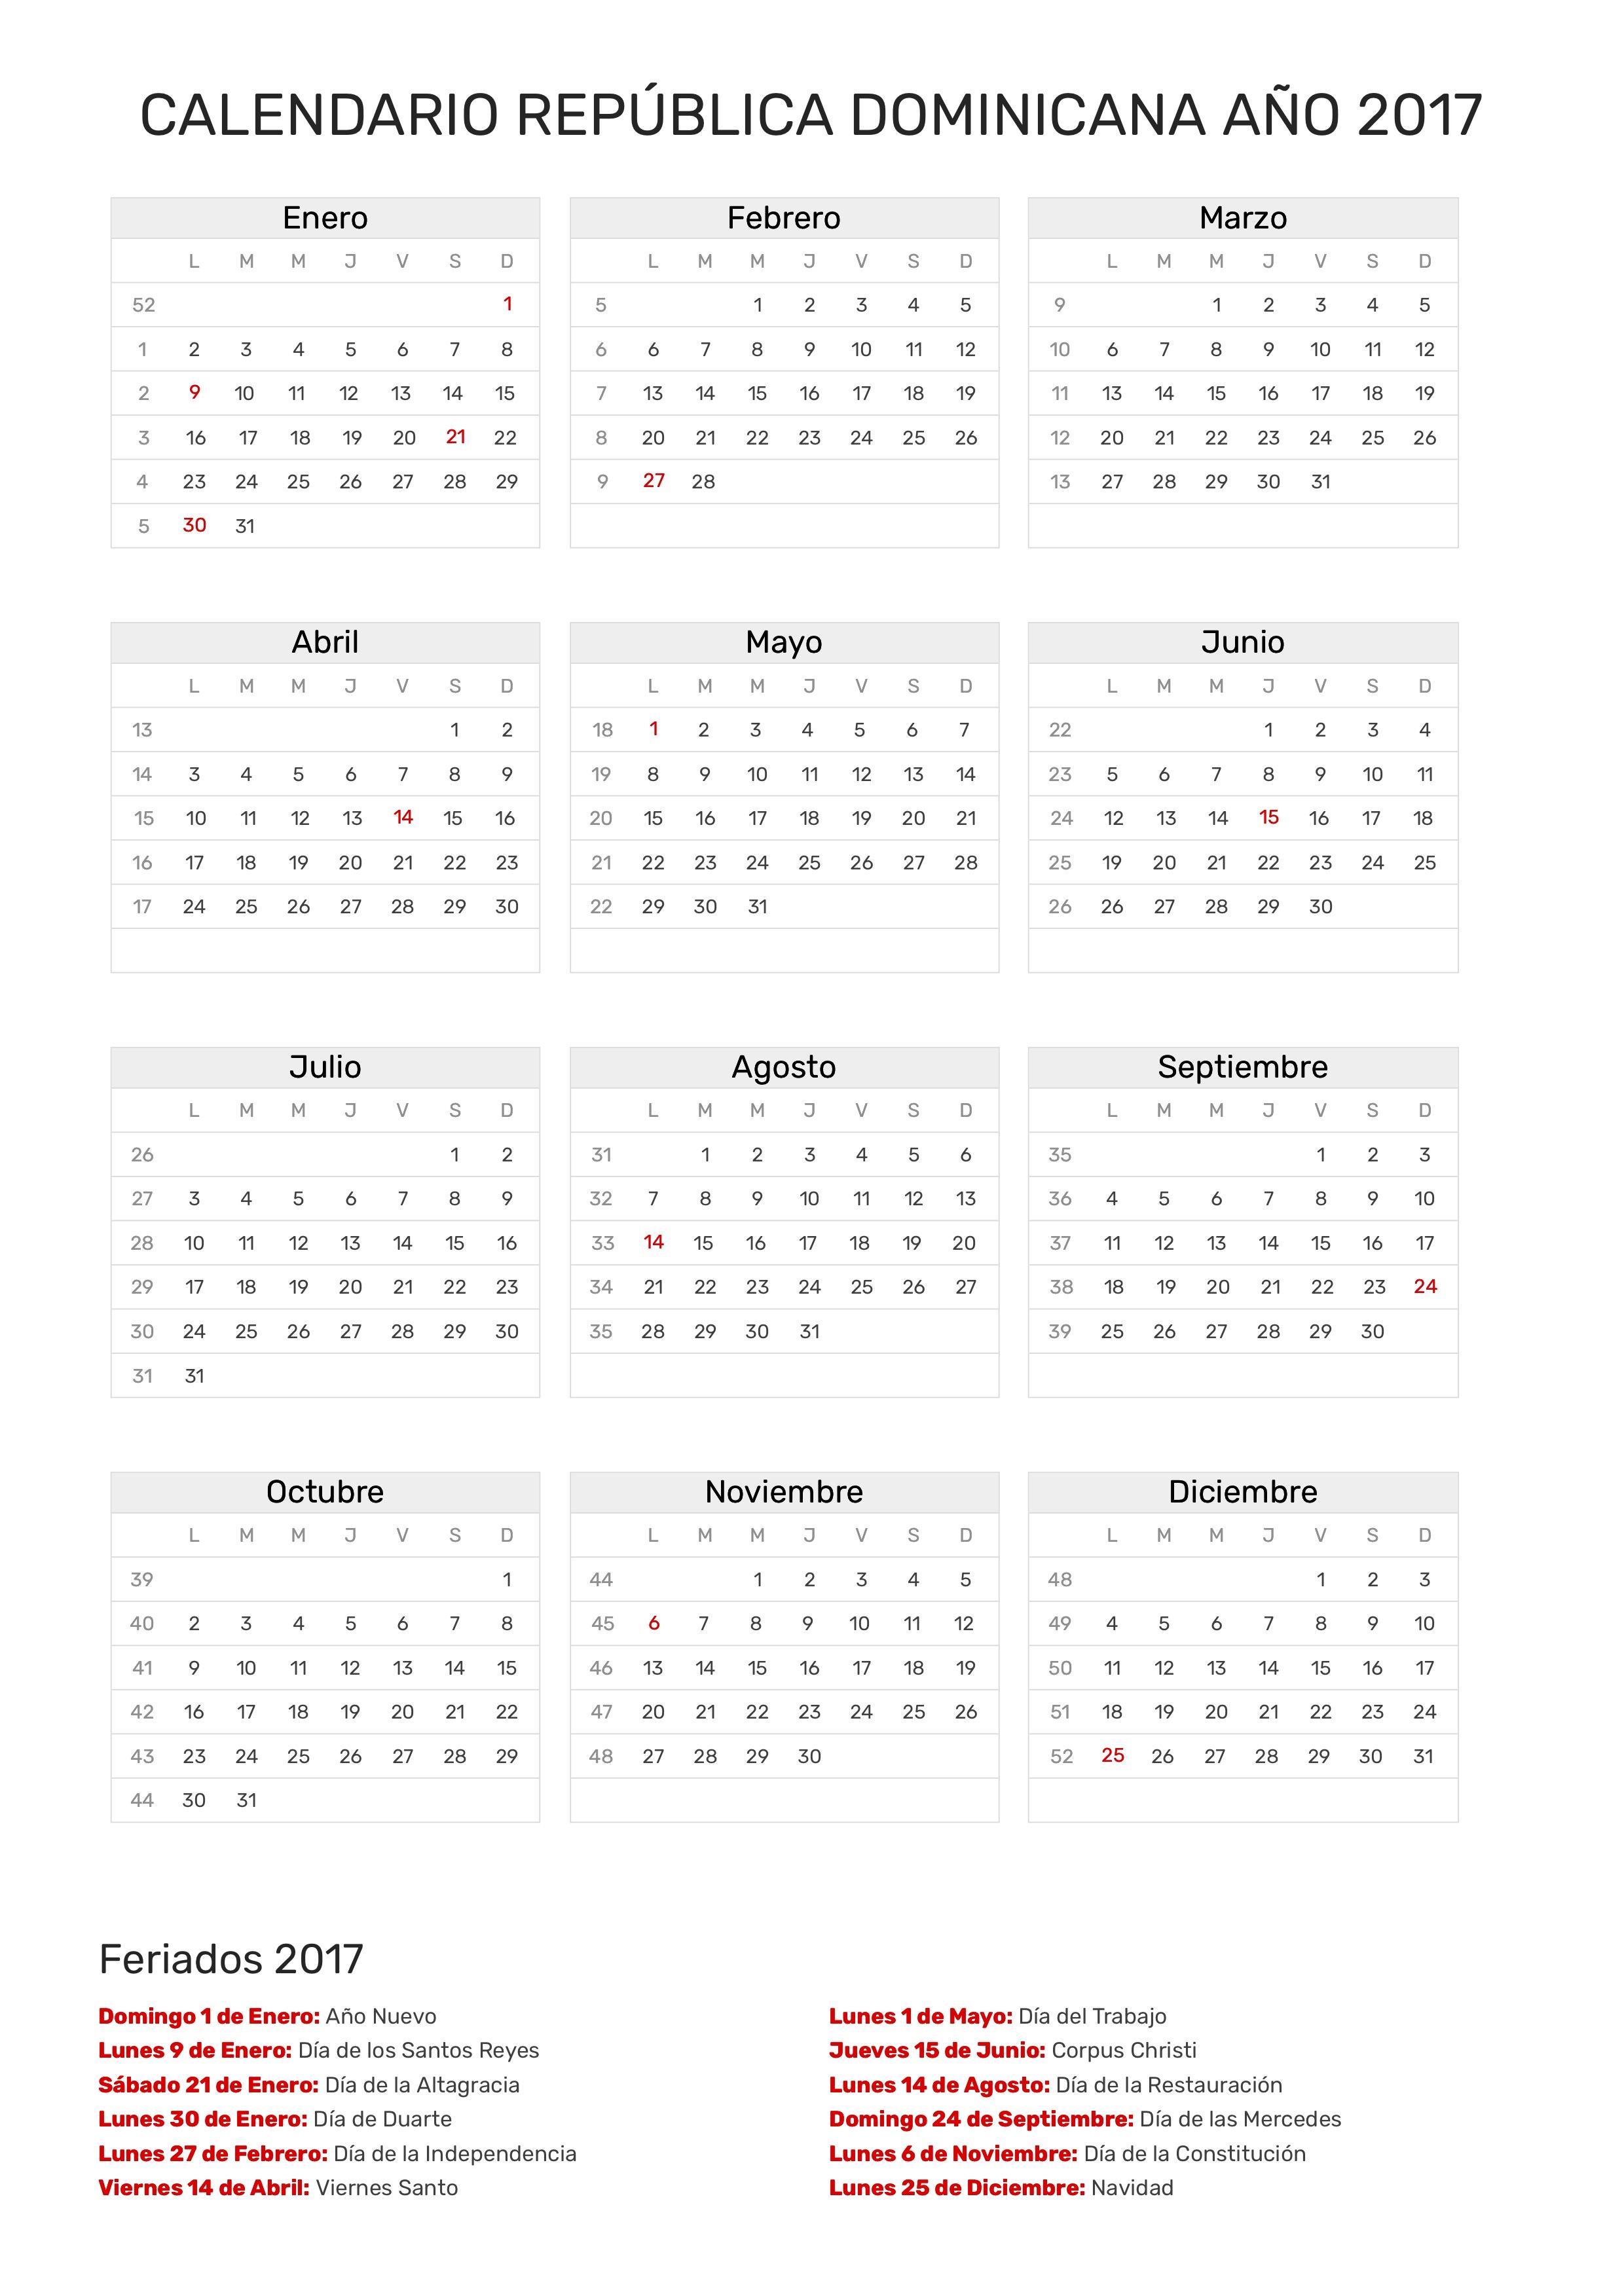 Calendario República Dominicana Año 2017 | Feriados